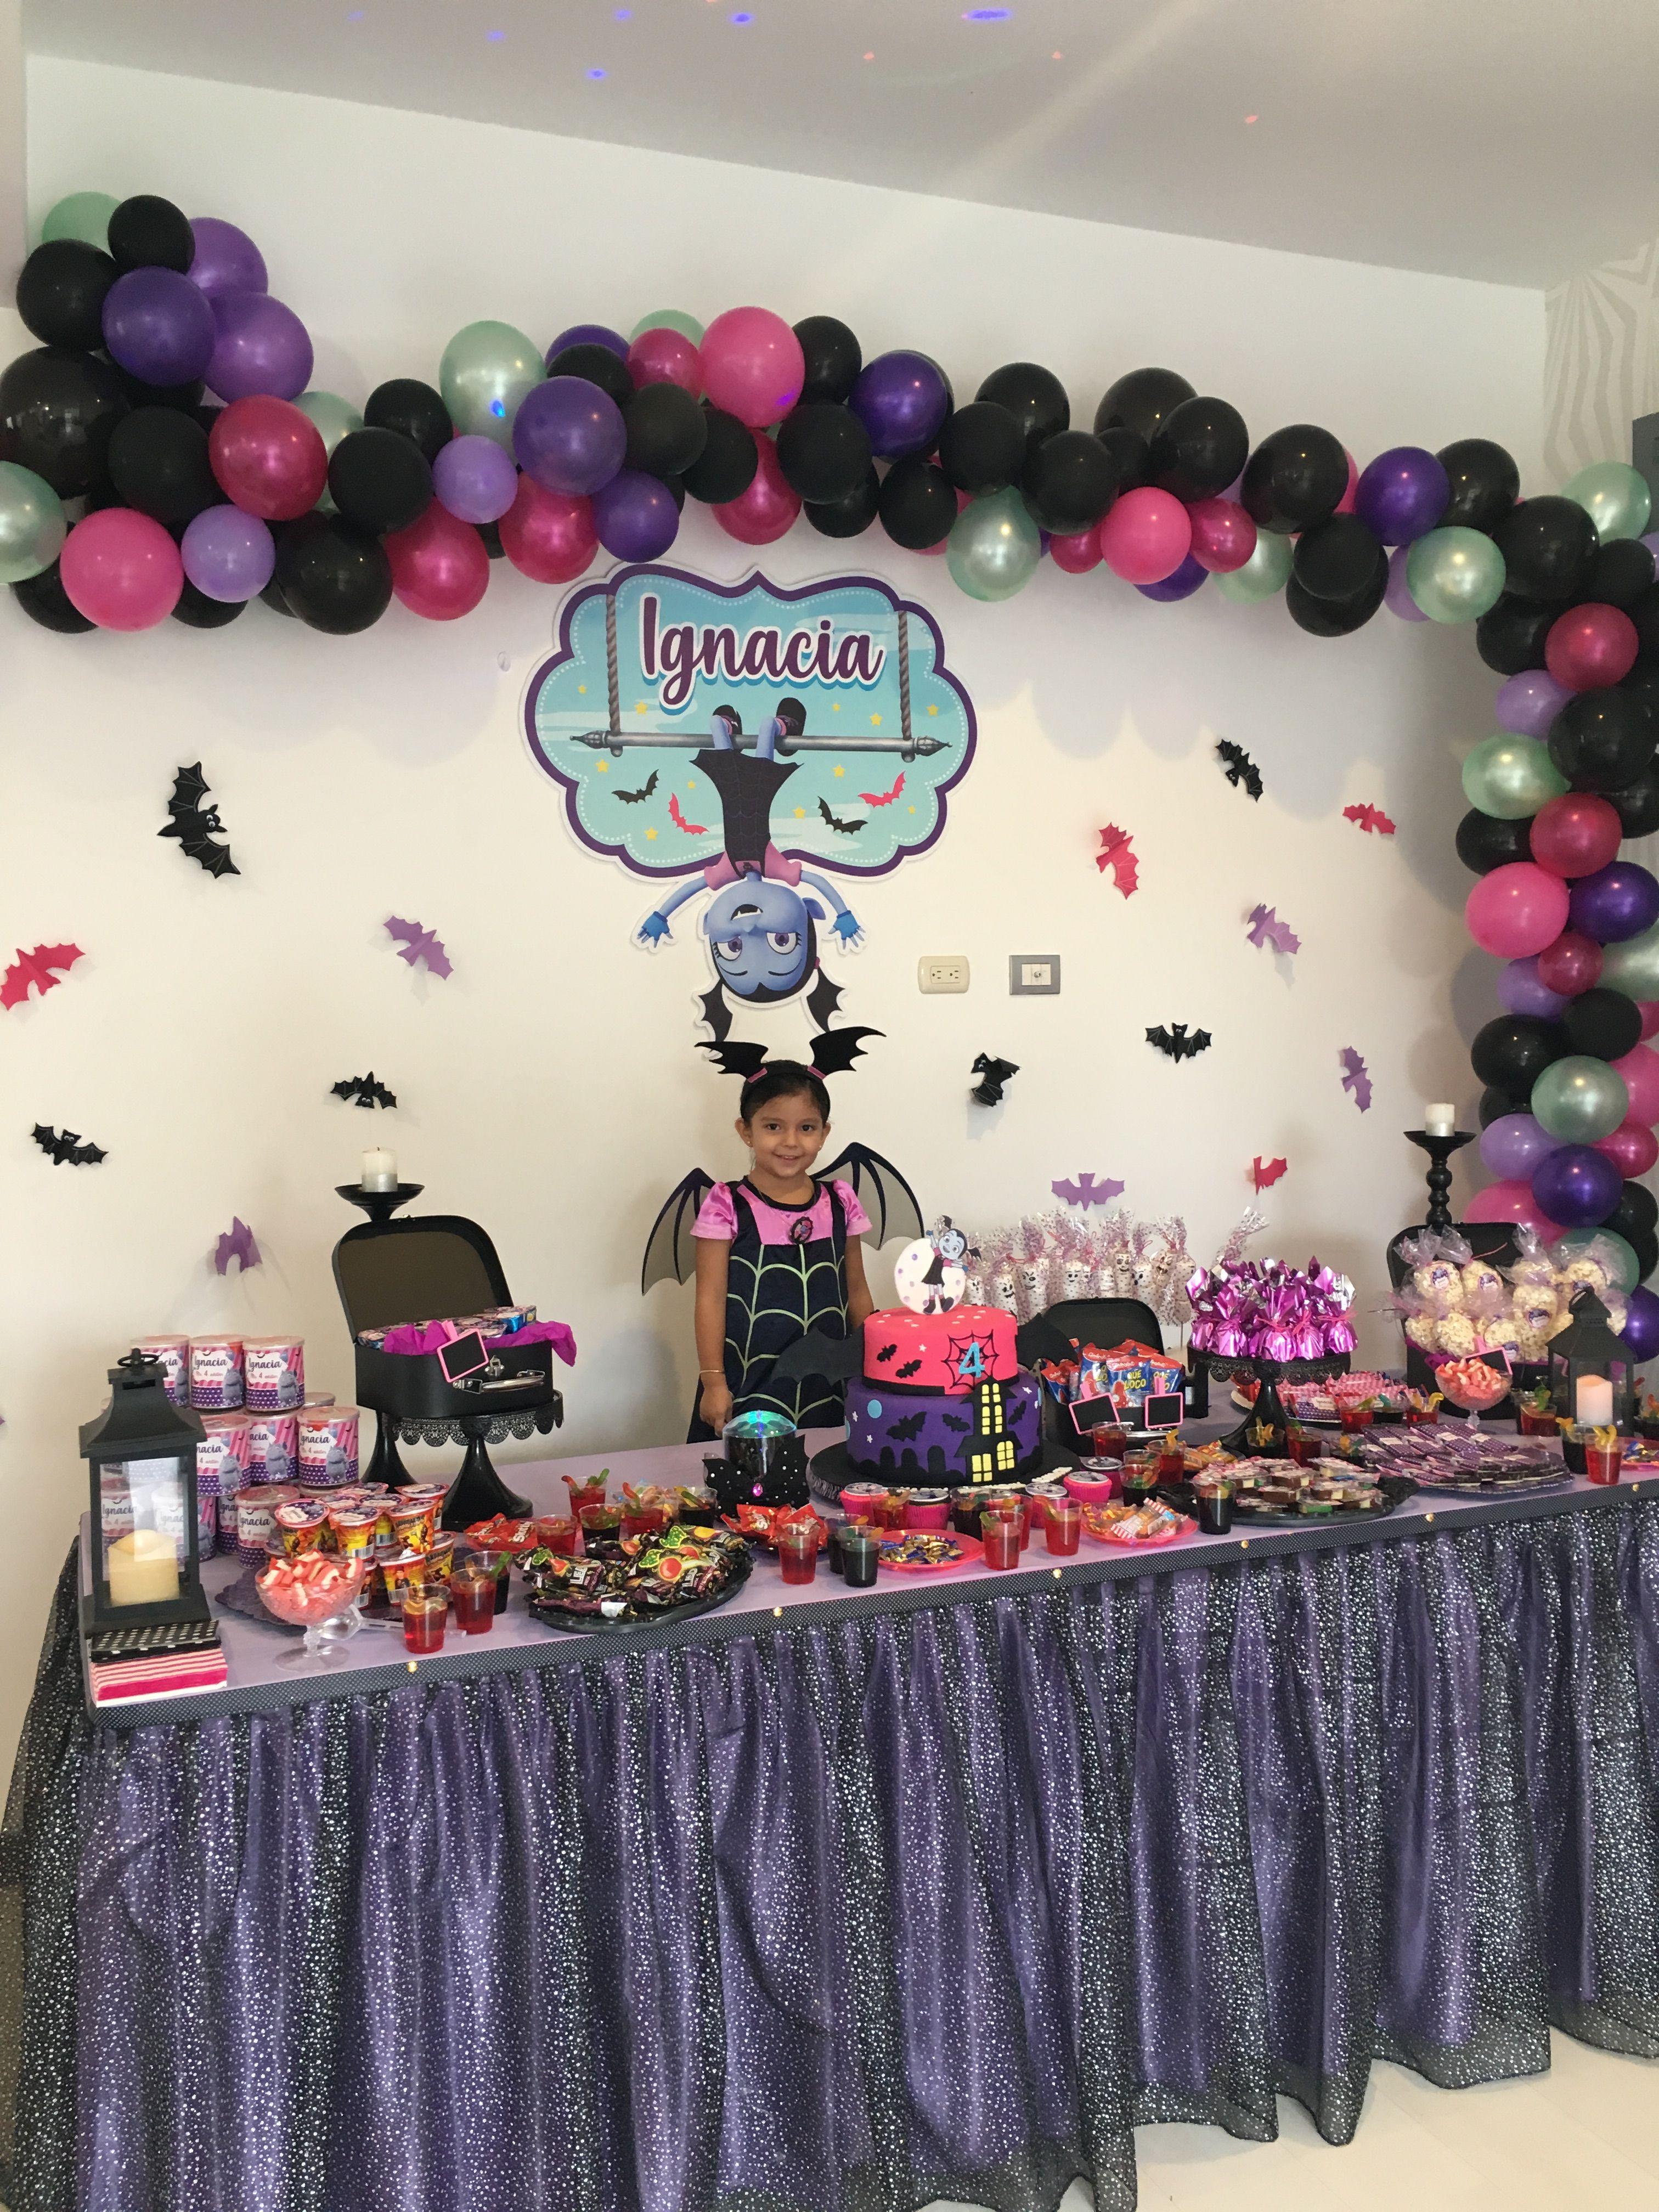 Vampirina Halloween Party 2020 Ny Decoración Vampirina | Birthday parties, Birthday, Party